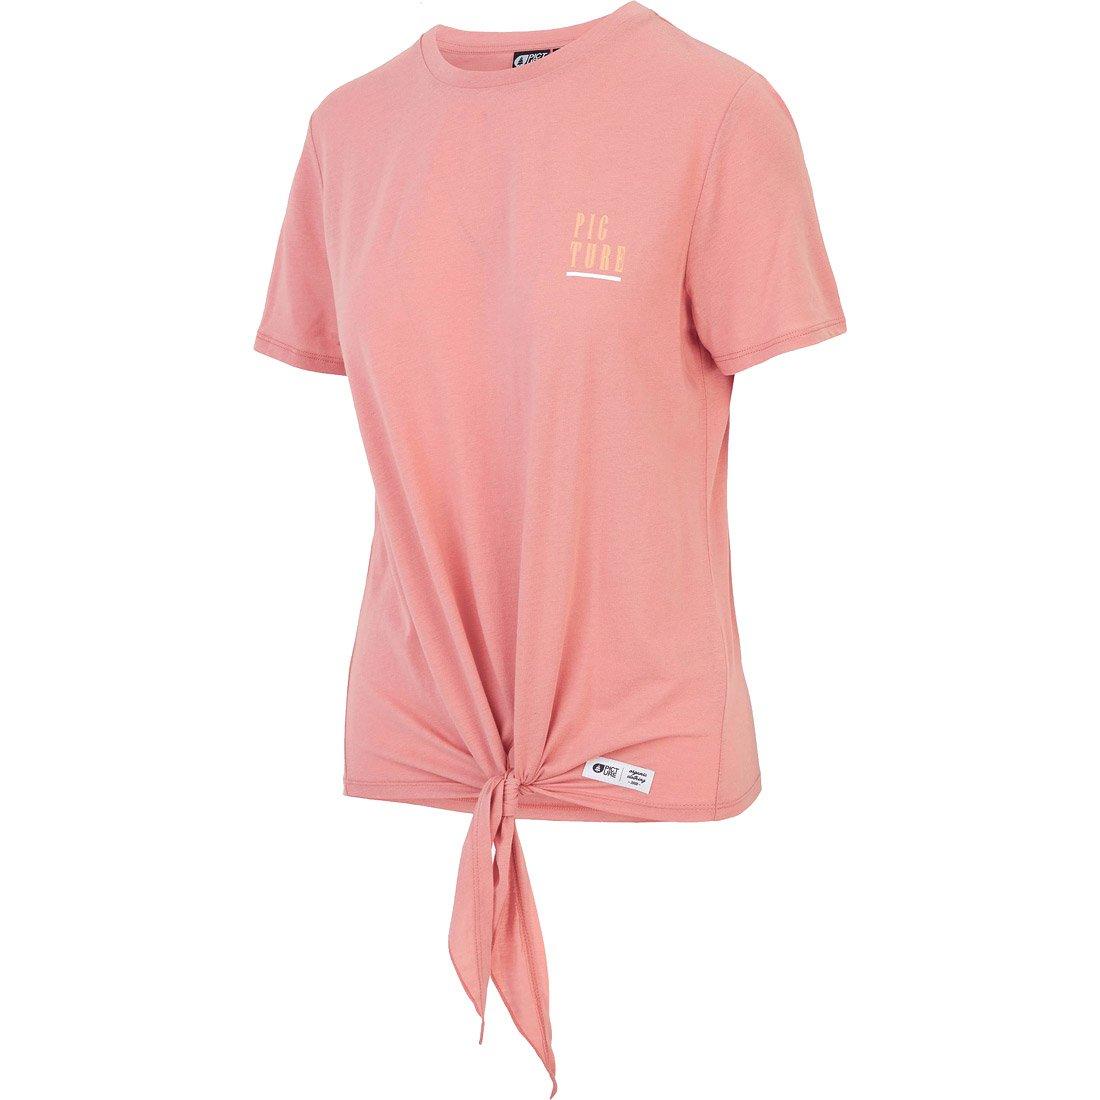 חולצה קצרה לנשים - Tily Tee - Picture Organic